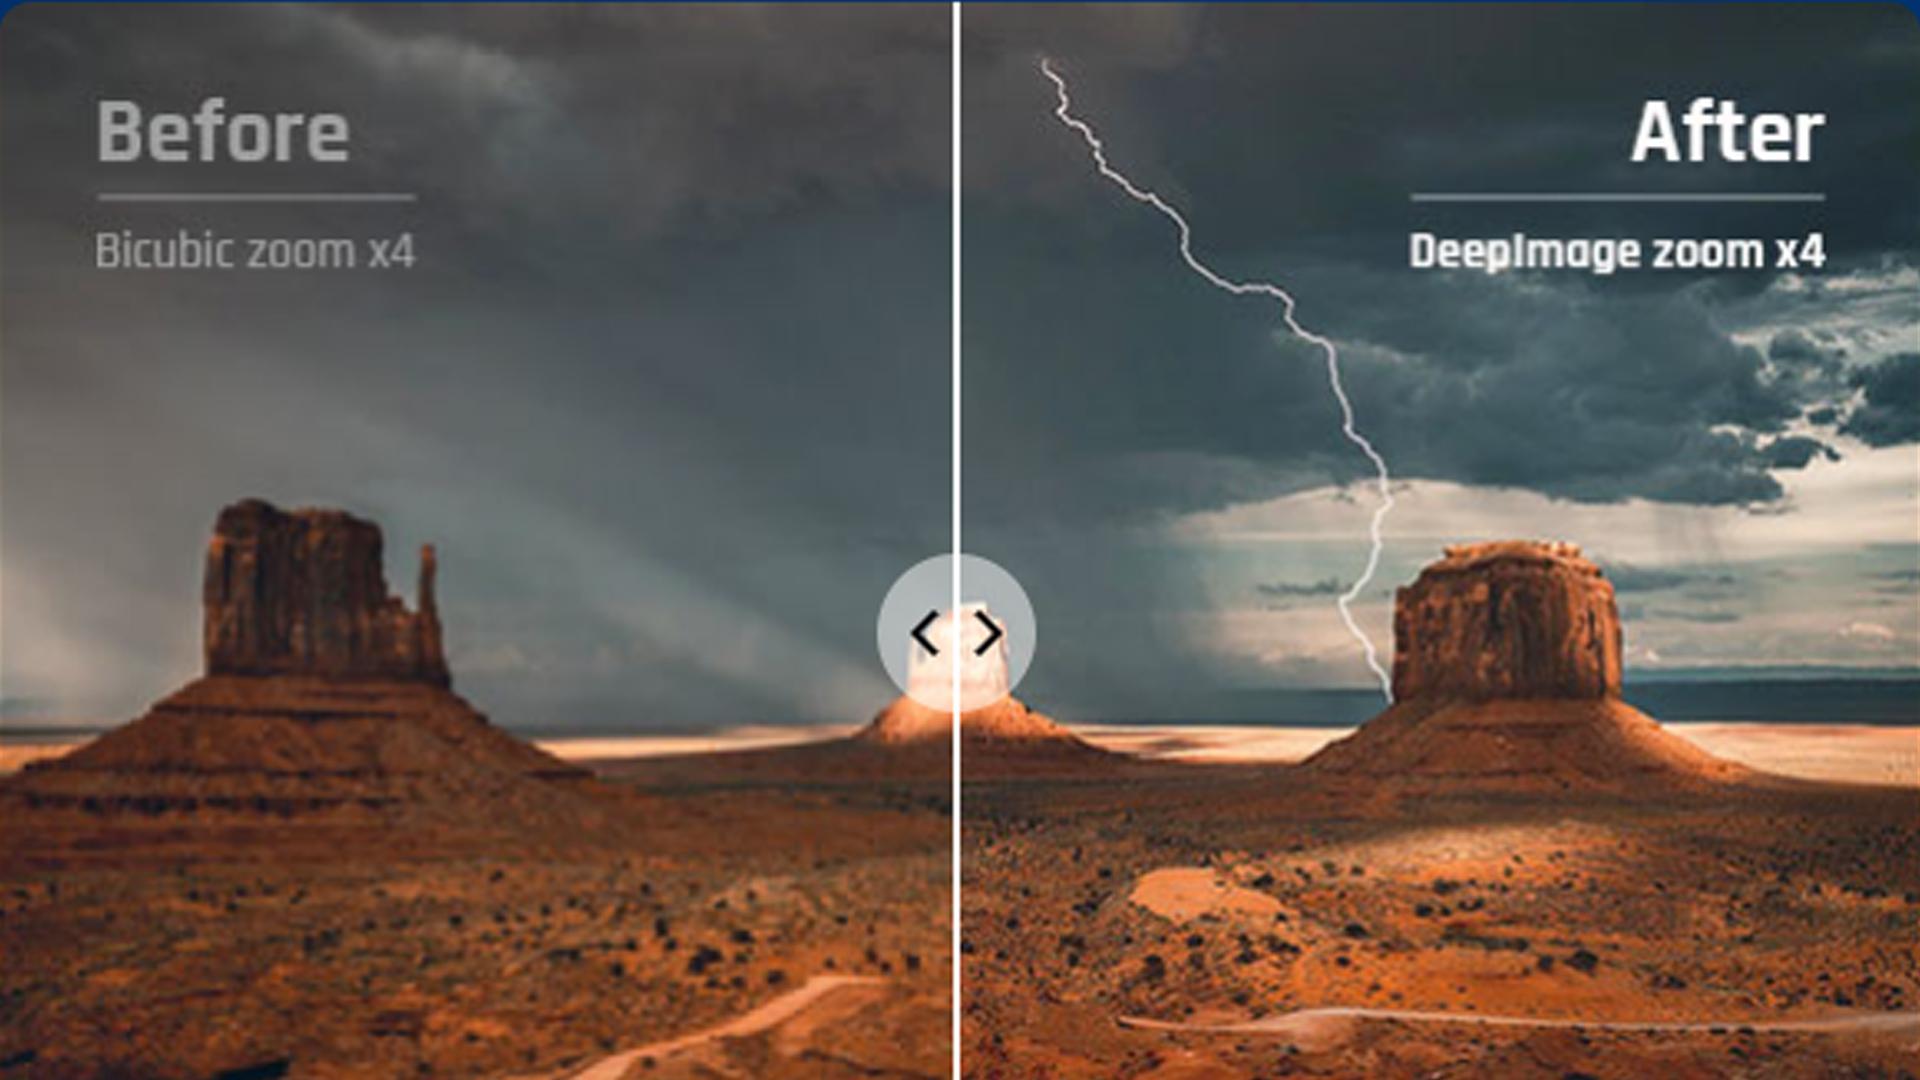 O aplicativo para melhorar a qualidade da foto possui recursos gratuitos e fáceis de usar (Fonte: Deep-Image / Reprodução)